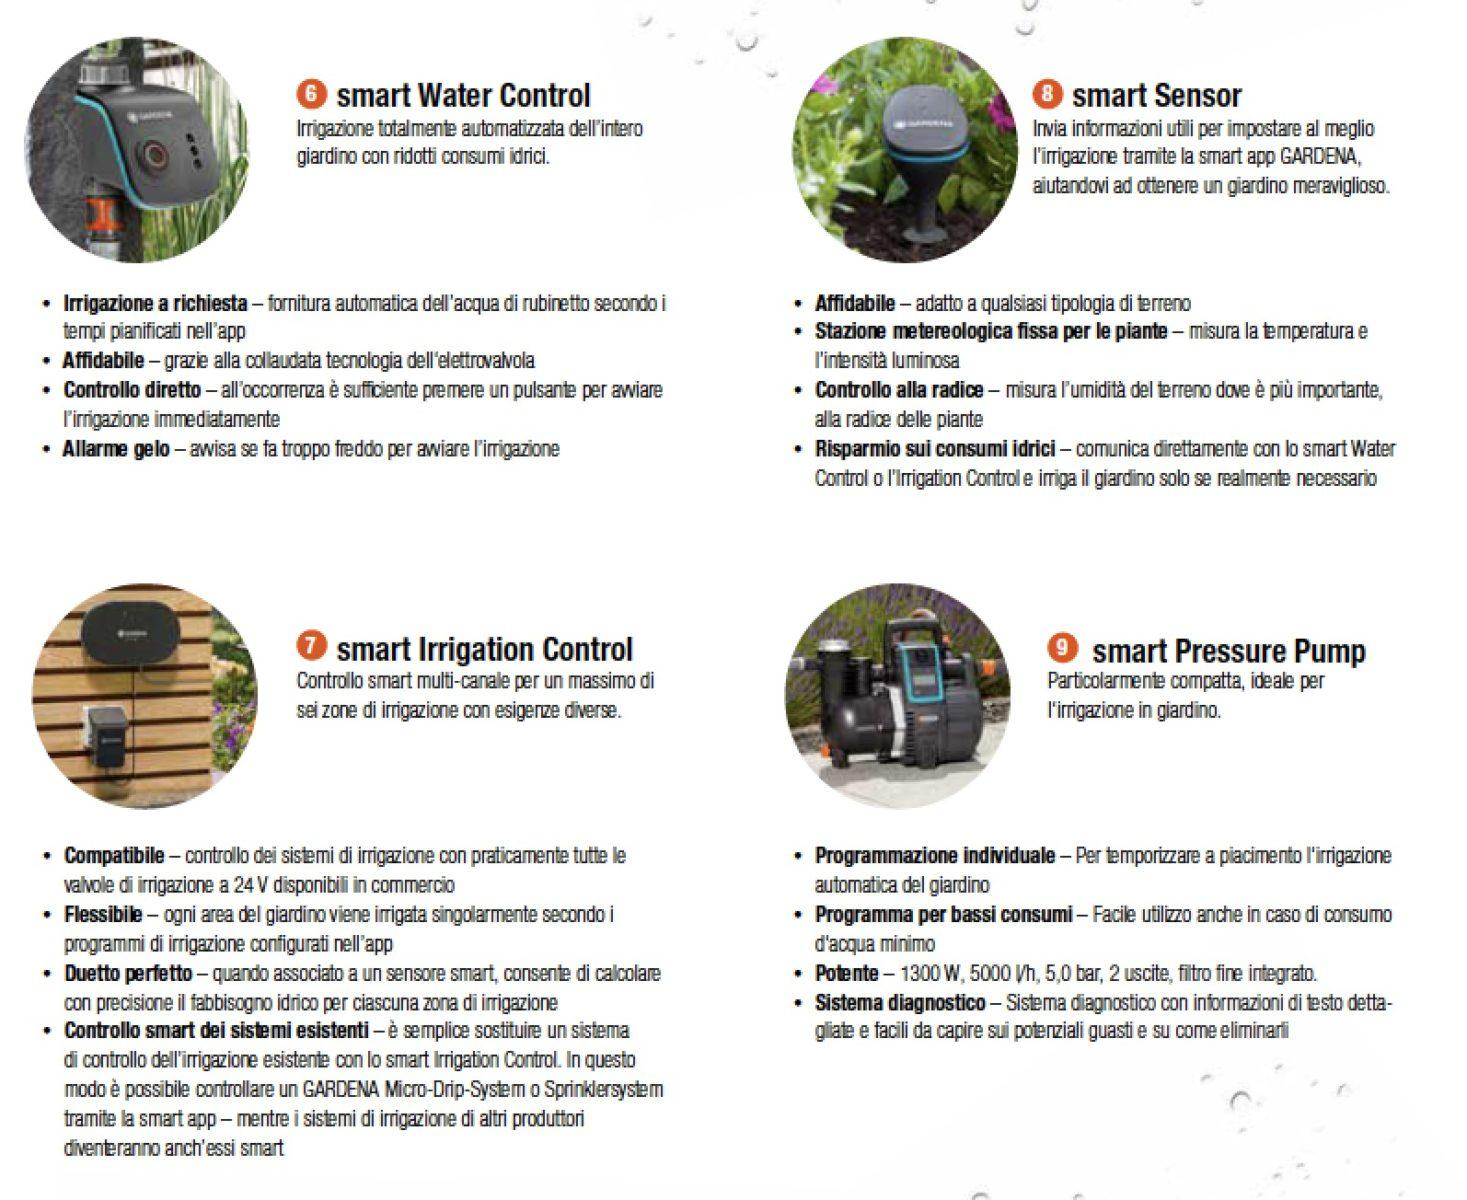 Il sistema di irrigazione smart Gardena già compatibile con Homekit e presto anche con Alexa e Google